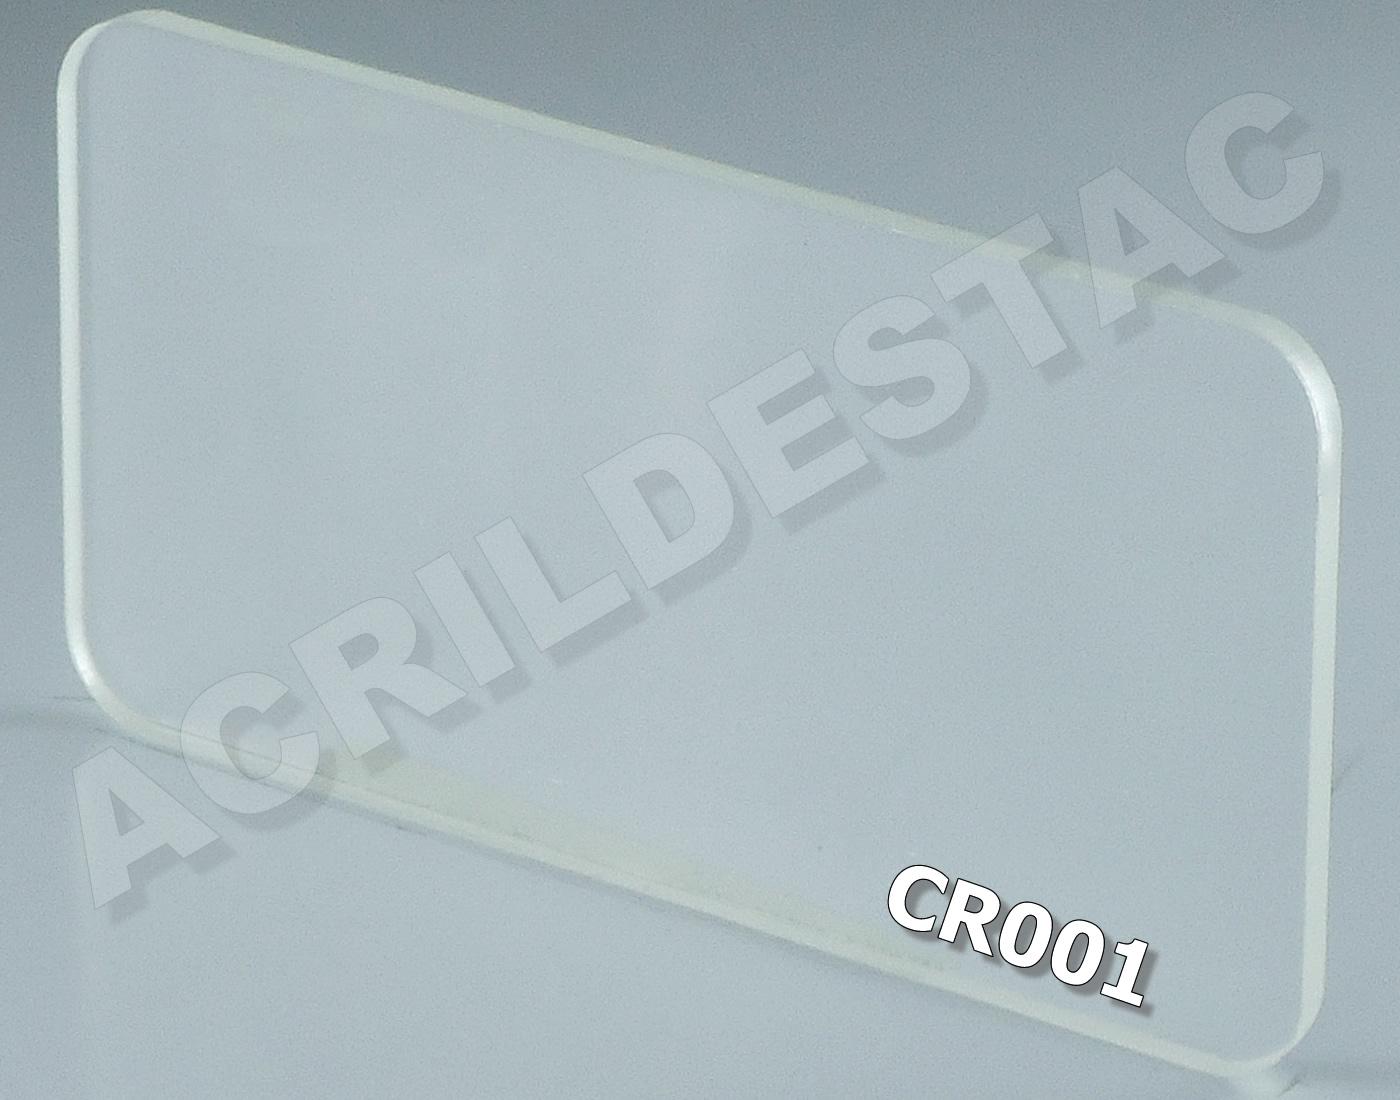 0.50 x 0.50 - 3mm - CRISTAL Transparente PL-CR001 -